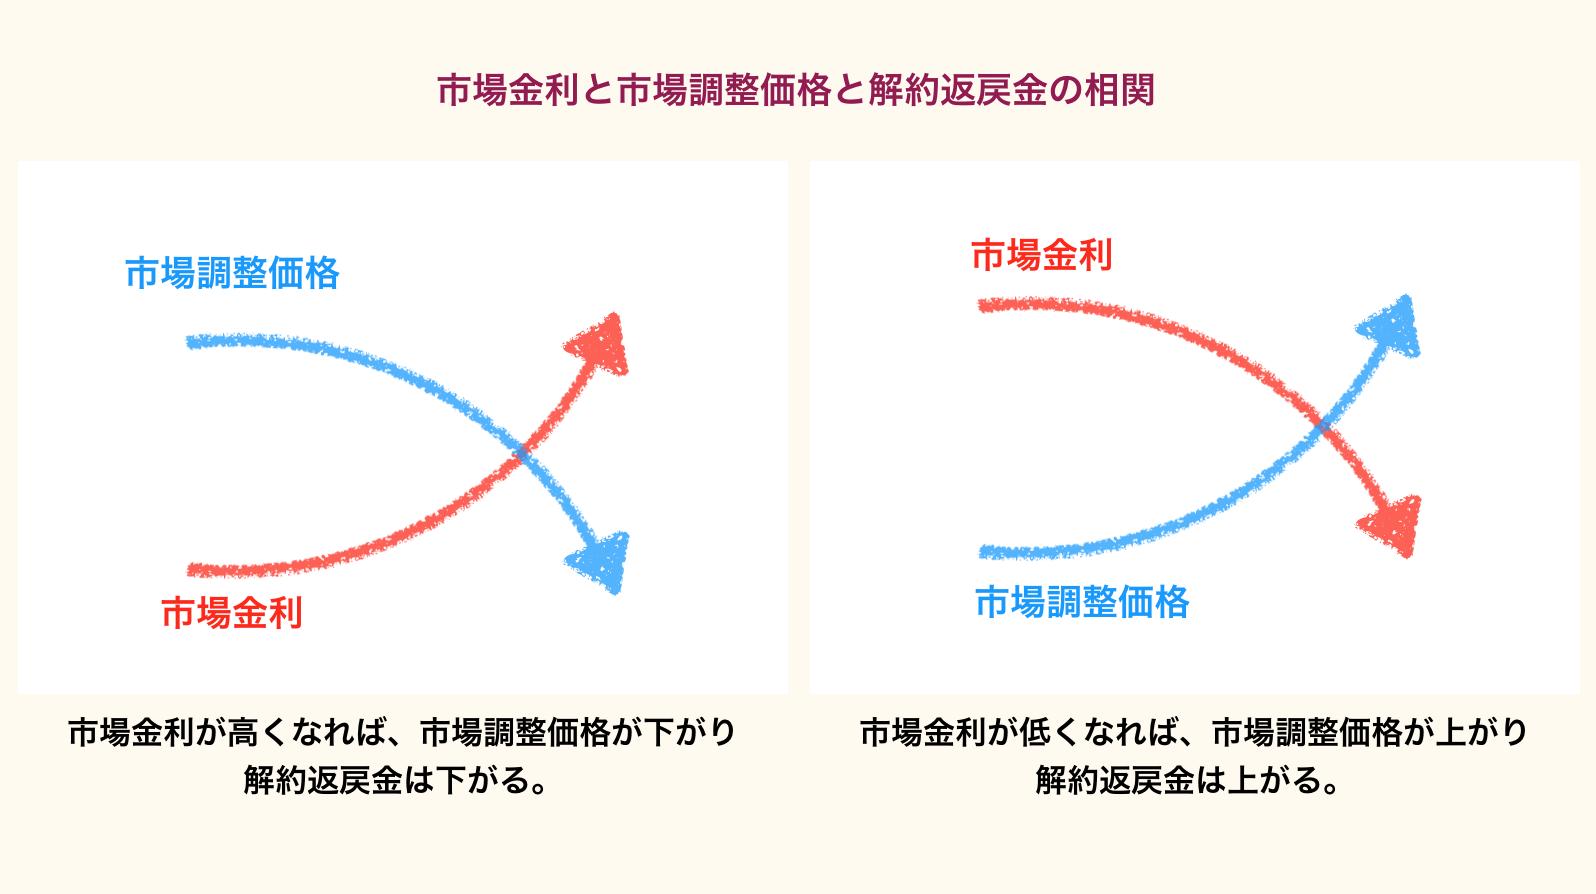 市場金利と市場調整価格との関係